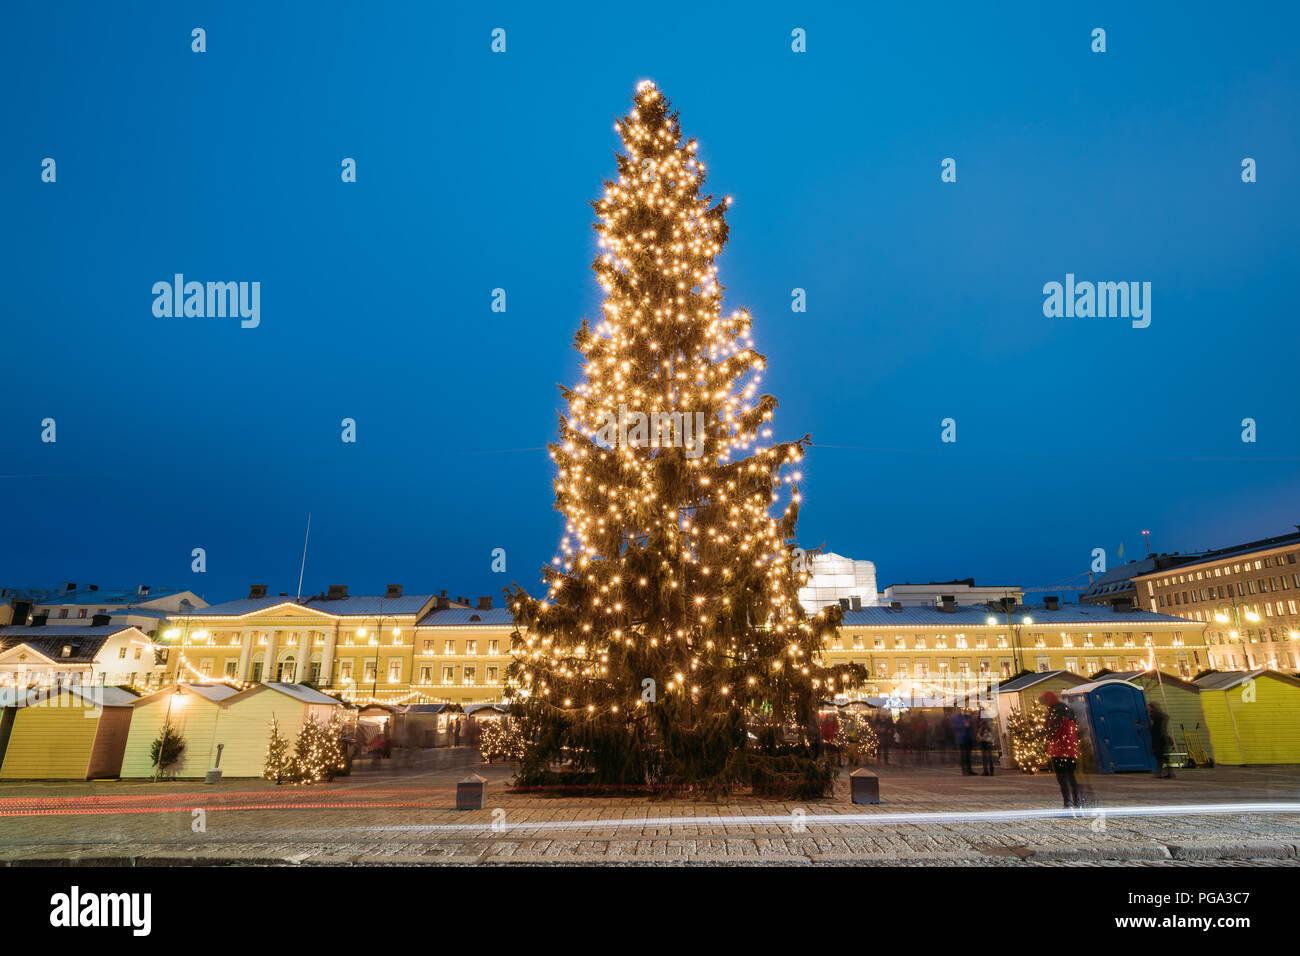 Helsinki, Finnland. Abendlicher Blick der Weihnachtsbaum Am Senatsplatz In Abend Nacht Weihnachten festliche Beleuchtung. Stockfoto